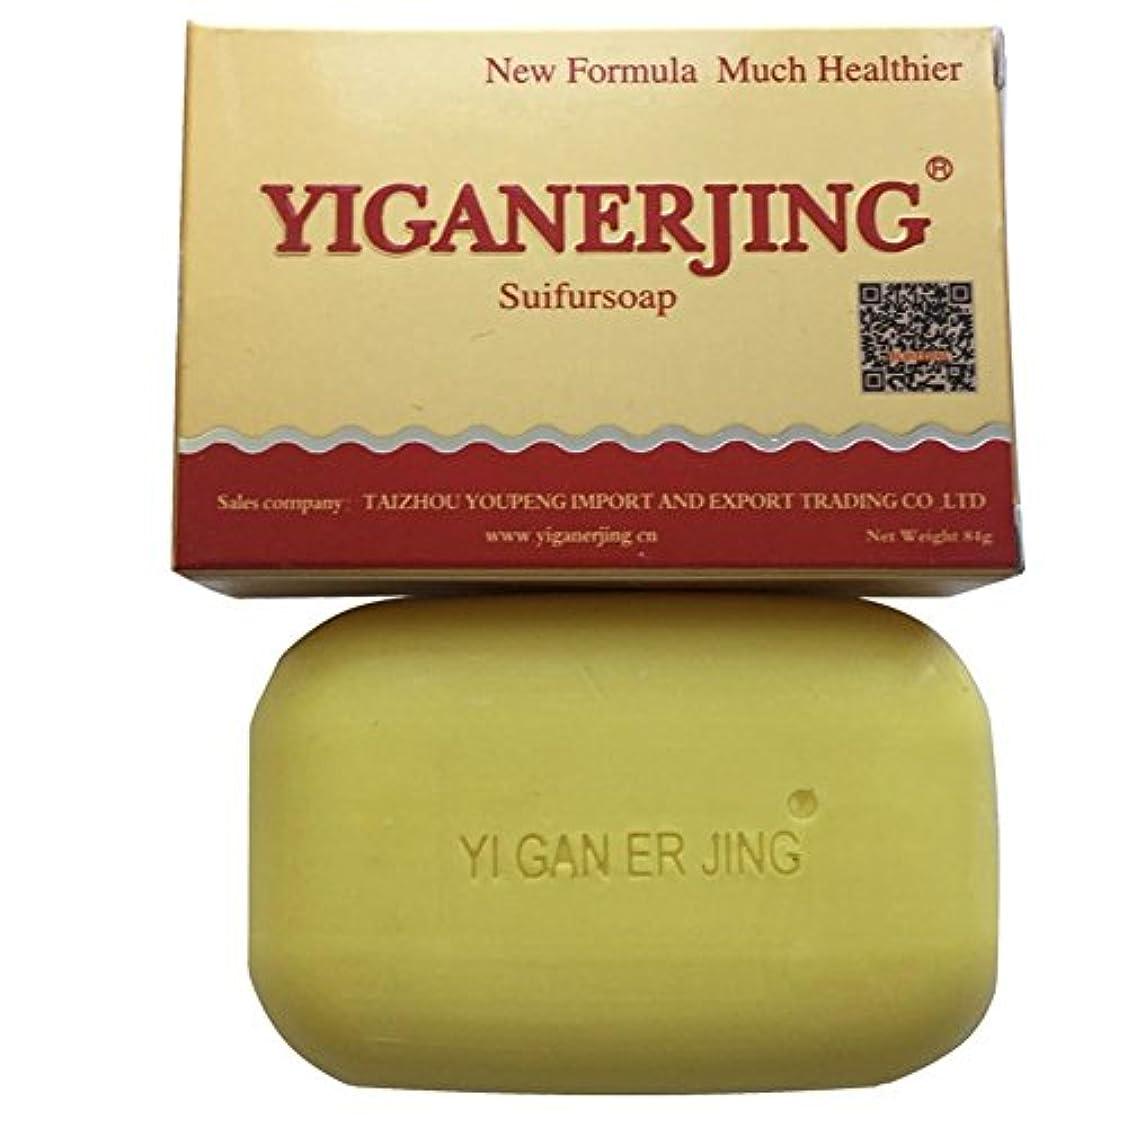 保証試用アトム洗颜石鹸 顔ダニ対策 硫黄石鹸 肌の状態を改善する 抗真菌バス美白石けんシャンプー石鹸 洗颜用品 90g